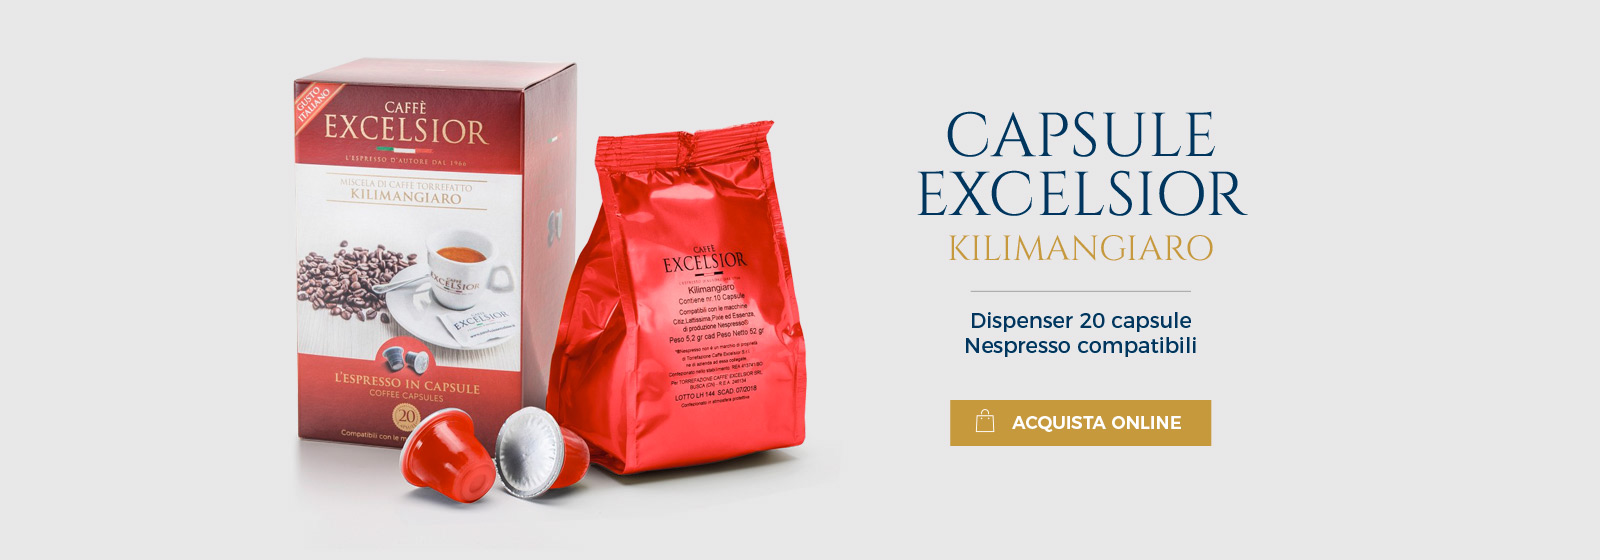 Capsule Caffè Kilimangiaro